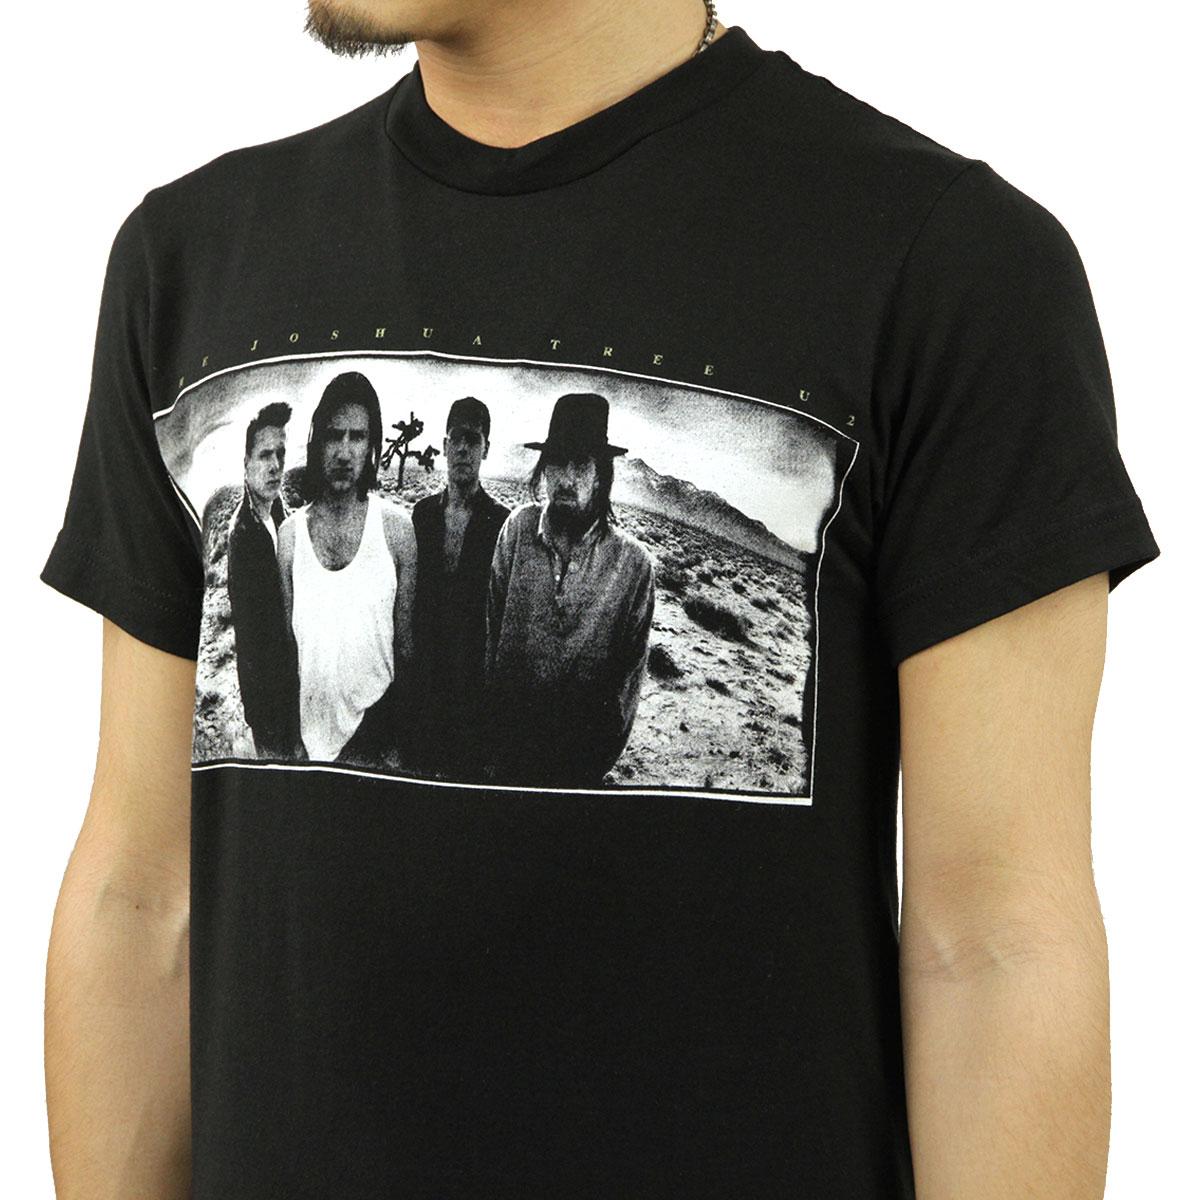 ミュージックティ バンドTシャツ メンズ 正規品 MUSIC TEE フォトT ロックTシャツ 半袖Tシャツ U2 ヨシュア・トゥリー U2 JOSHUA TREE MUSIC TEE AB5B B1C C1D D1E E13F